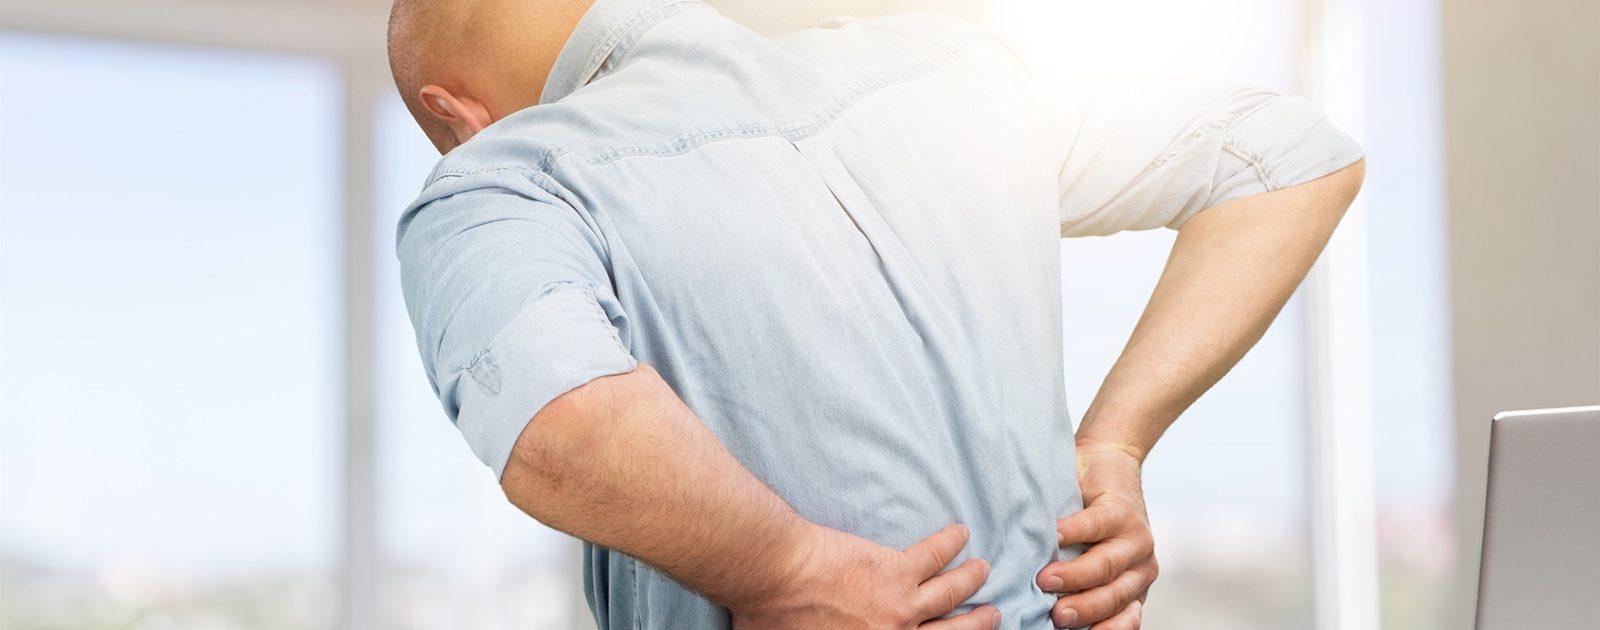 Ein Mann, der sich den Rücken hält, symbolisiert Nierenschmerzen aufgrund von Harnstau.